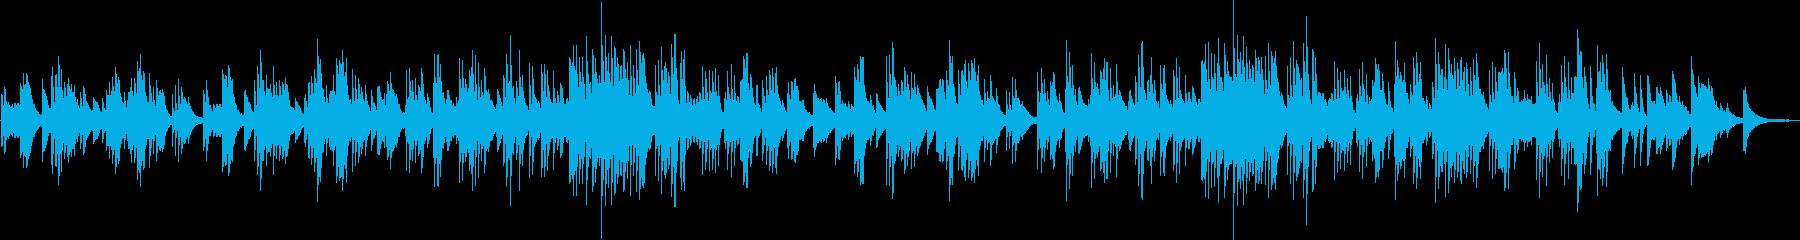 切ない旋律が印象的なピアノソロバラードの再生済みの波形